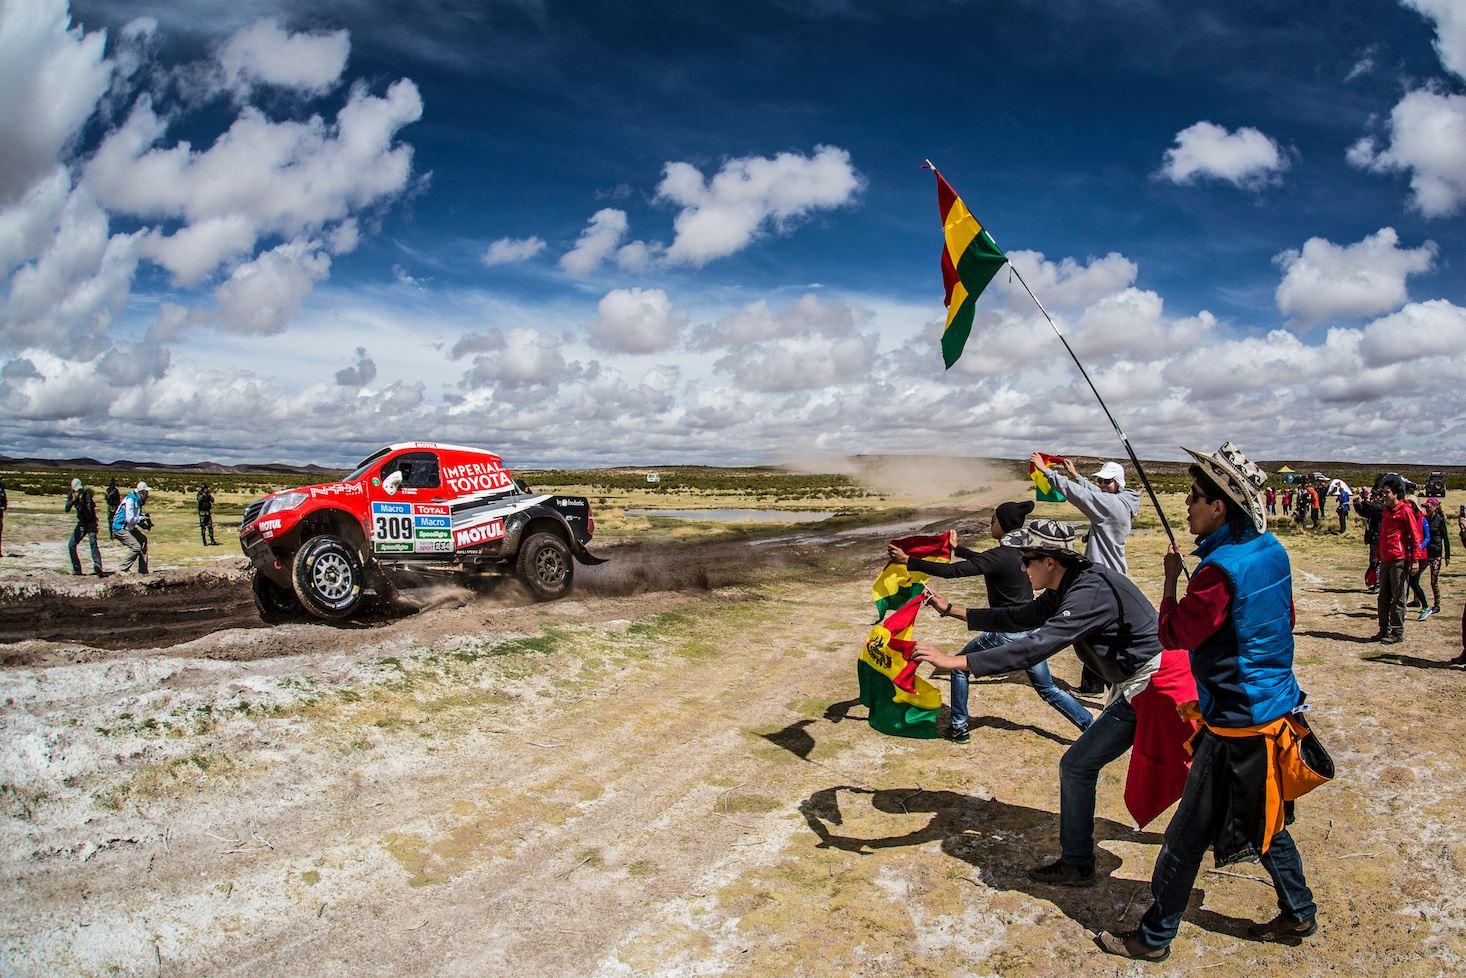 Victorie de etapa in Dakar 2015 pentru incepatorul Yazeed Al Rajhi